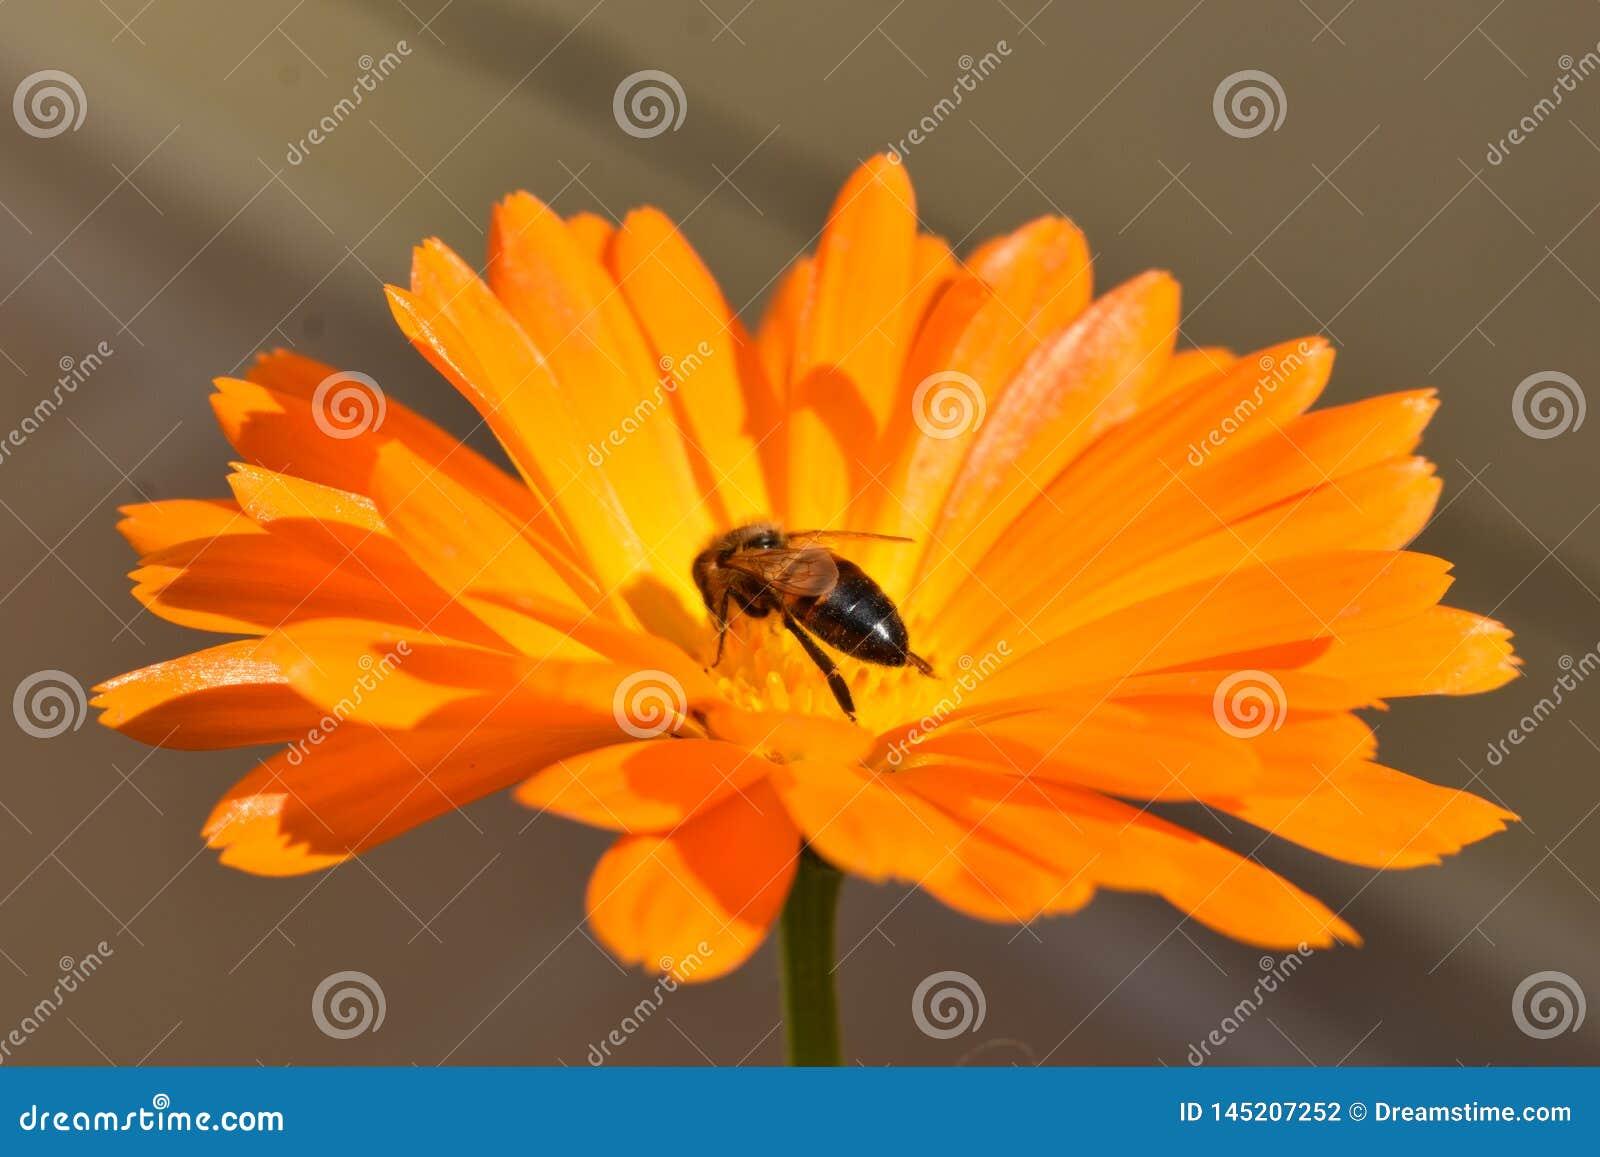 Une petite abeille sur une fleur orange